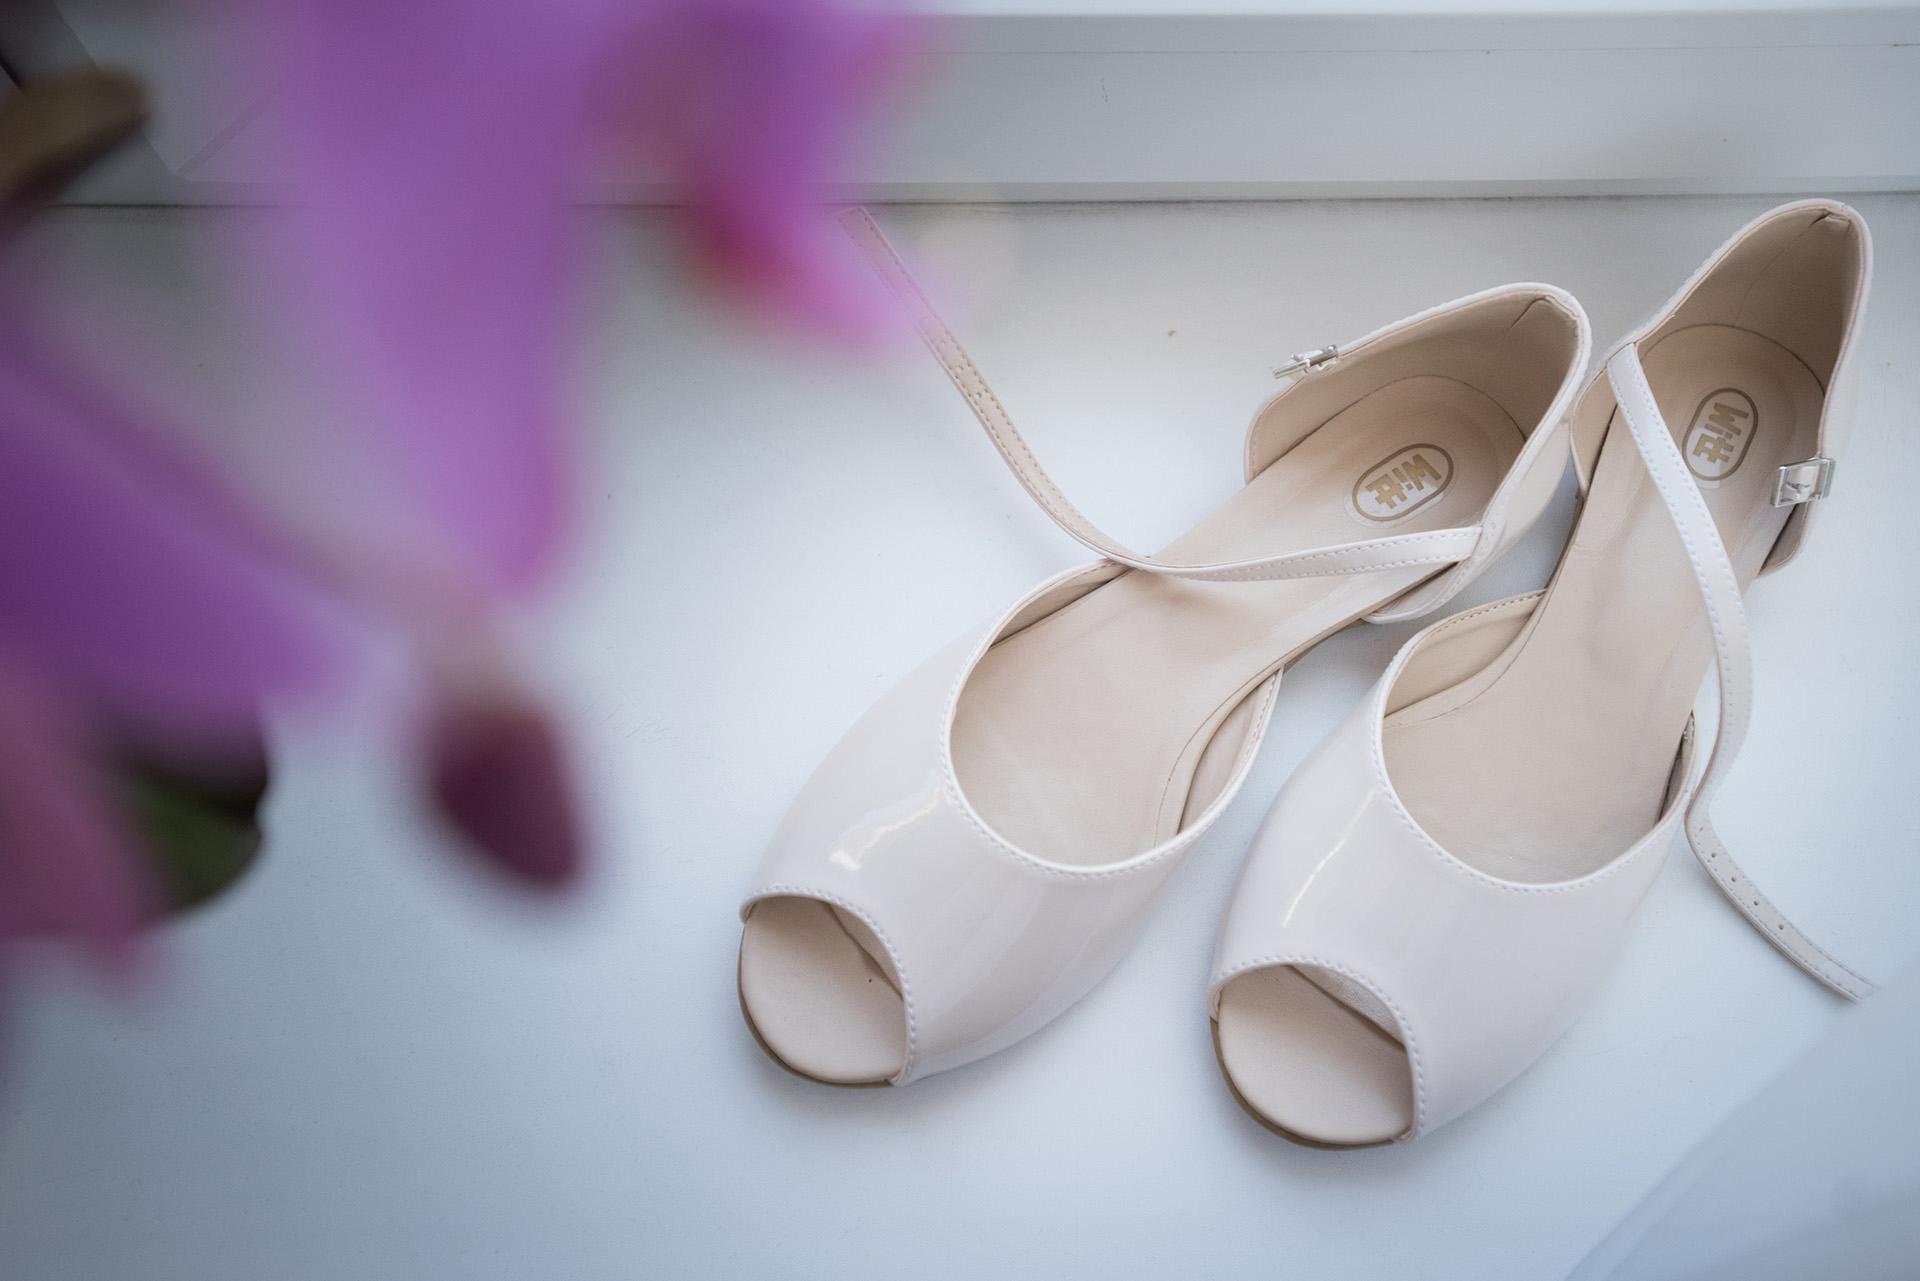 buty ślubne - w czym do ślubu